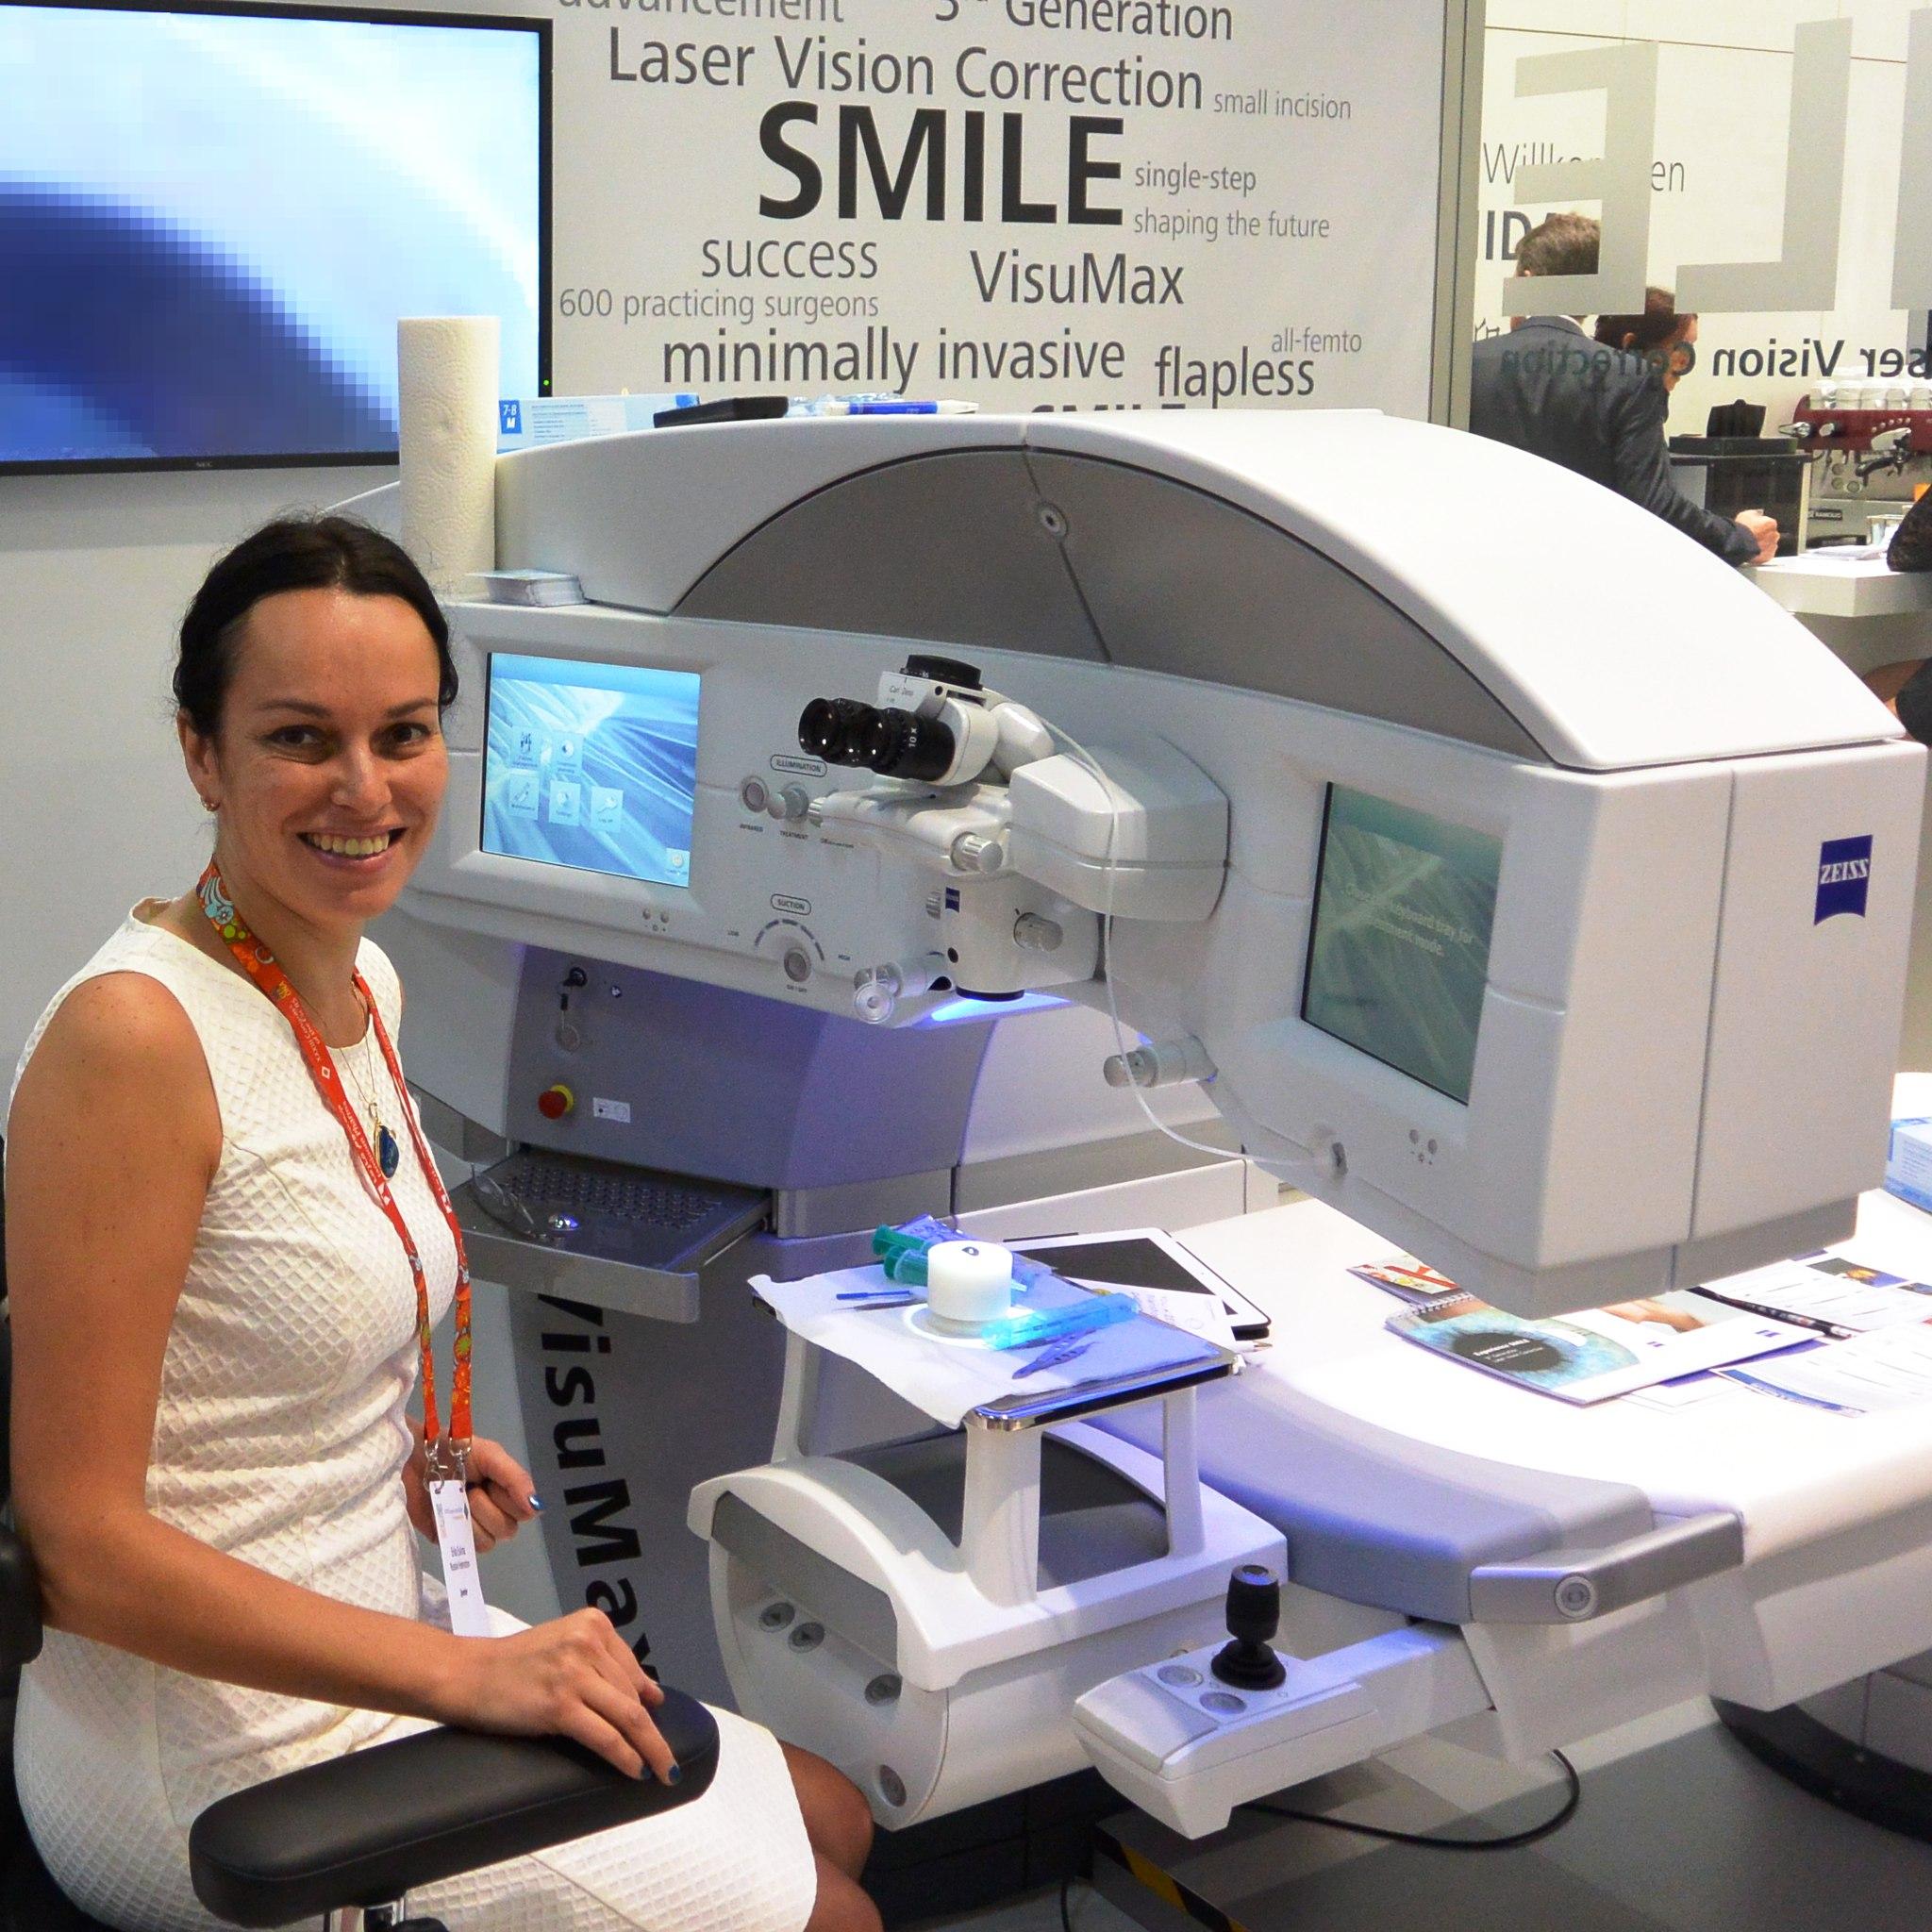 Профессор Эскина в лаборатории на конгрессе офтальмологов в Барселоне объясняет коллегам, как достигать 100% зрения при помощи лазера VisuMax Zeiss. Сентябрь 2015